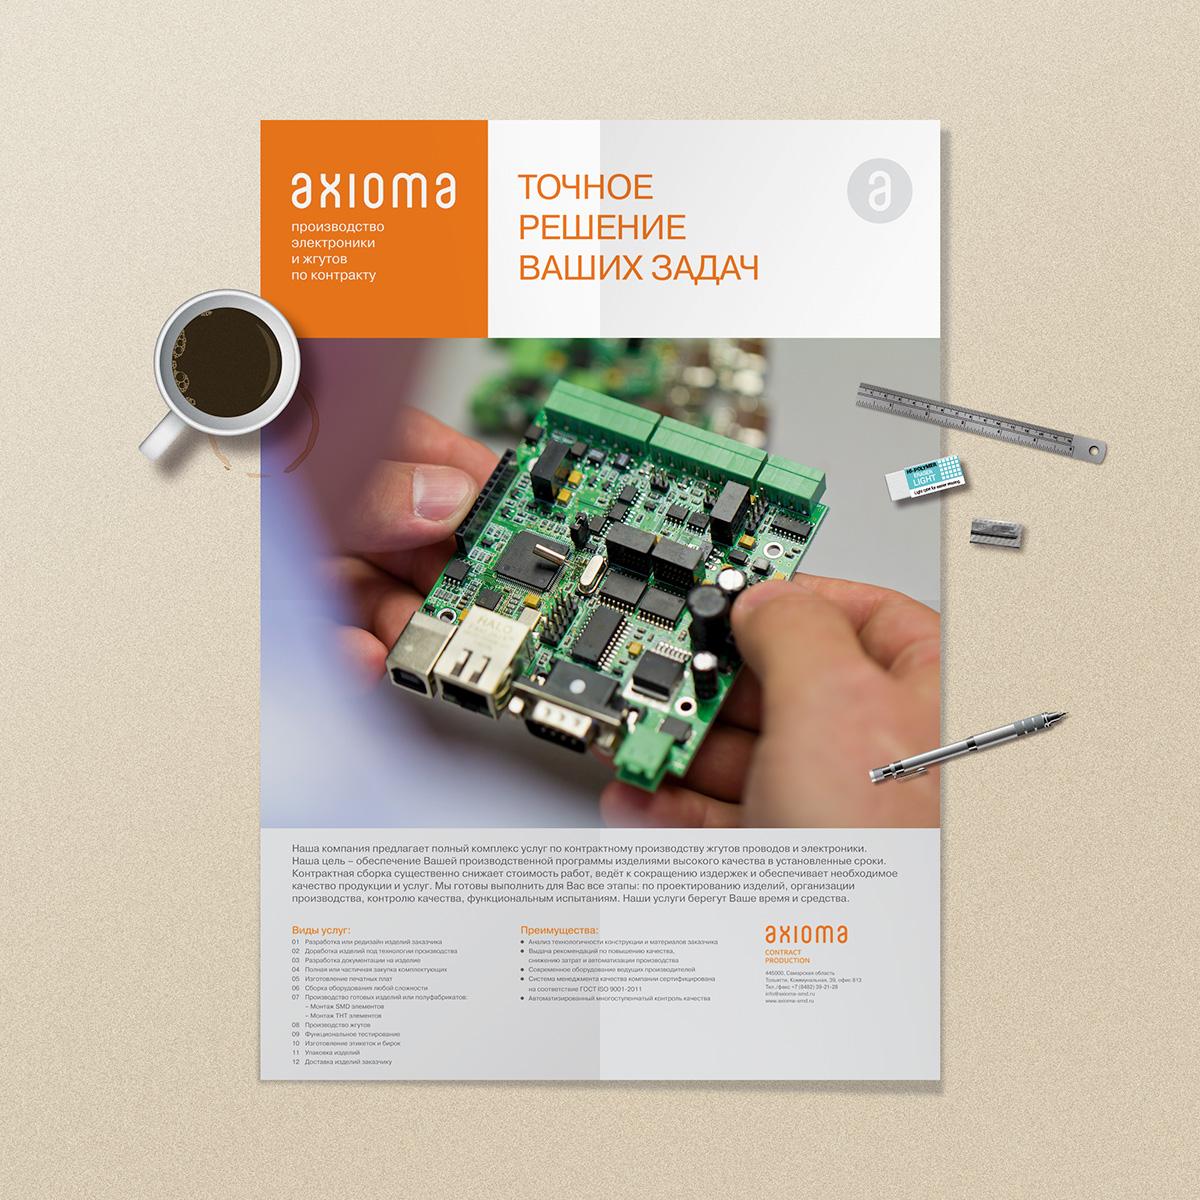 Axioma-poster.jpg